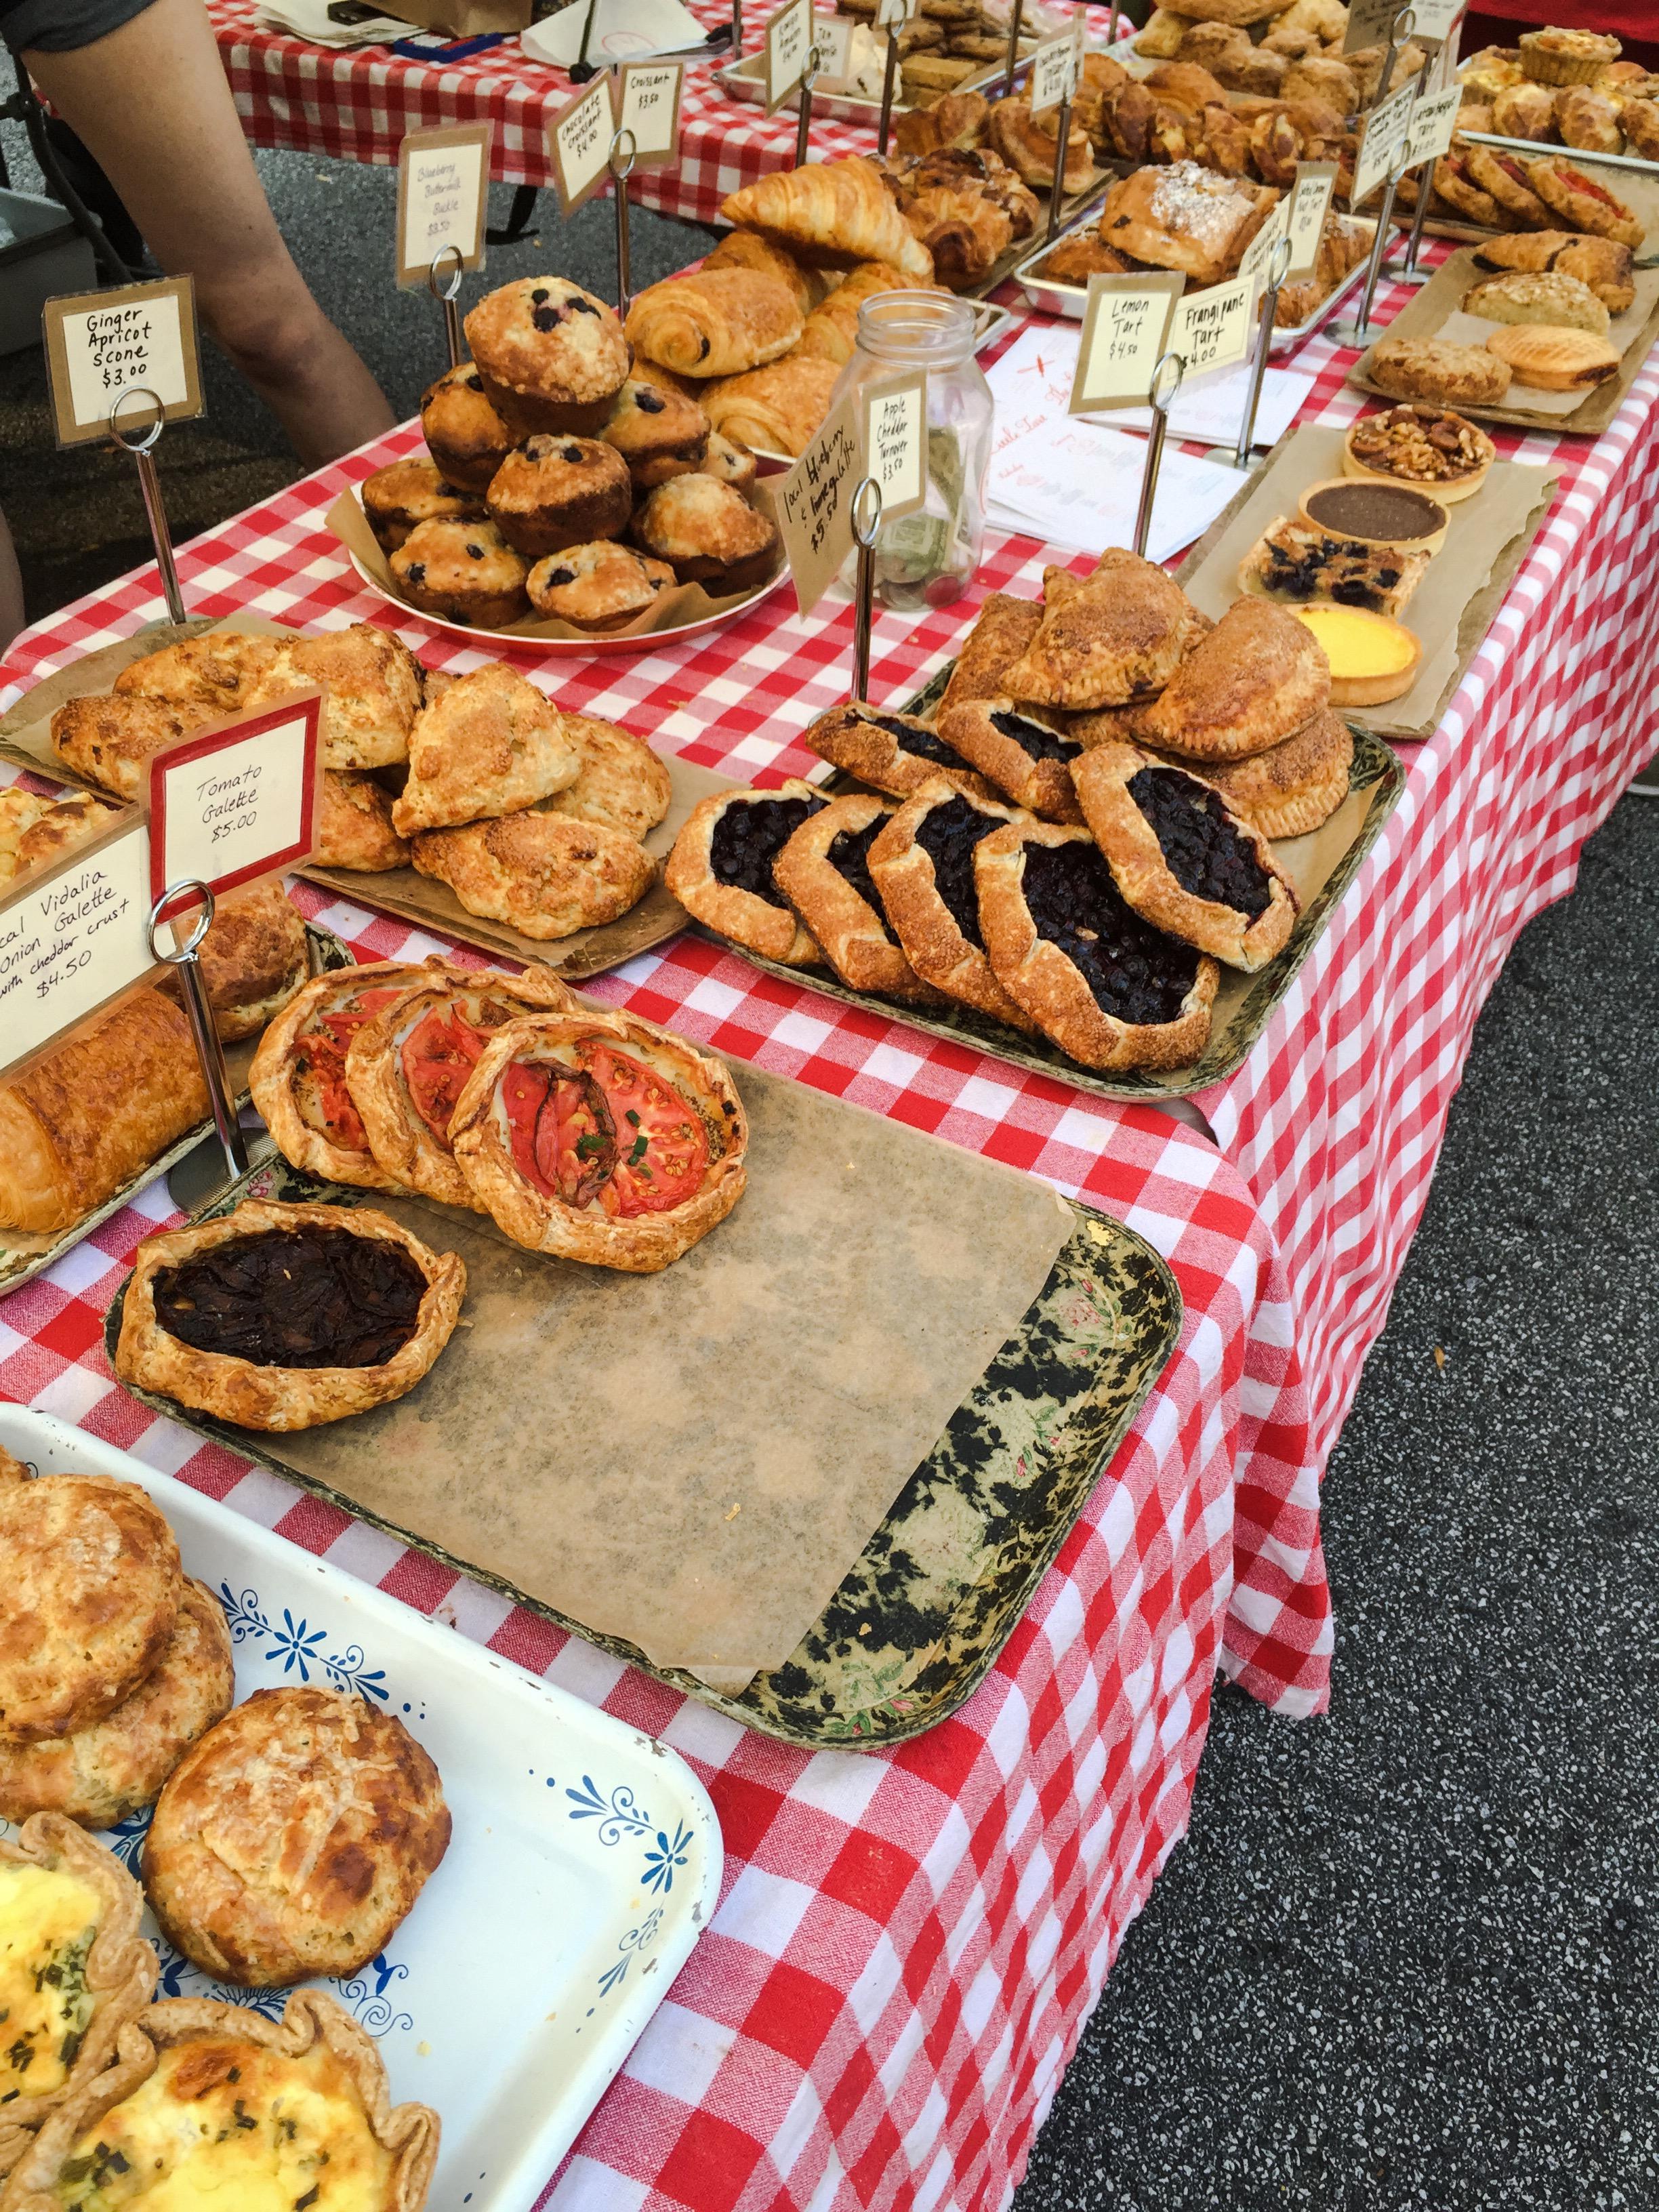 Baked goods from  Little Tart Bakeshop